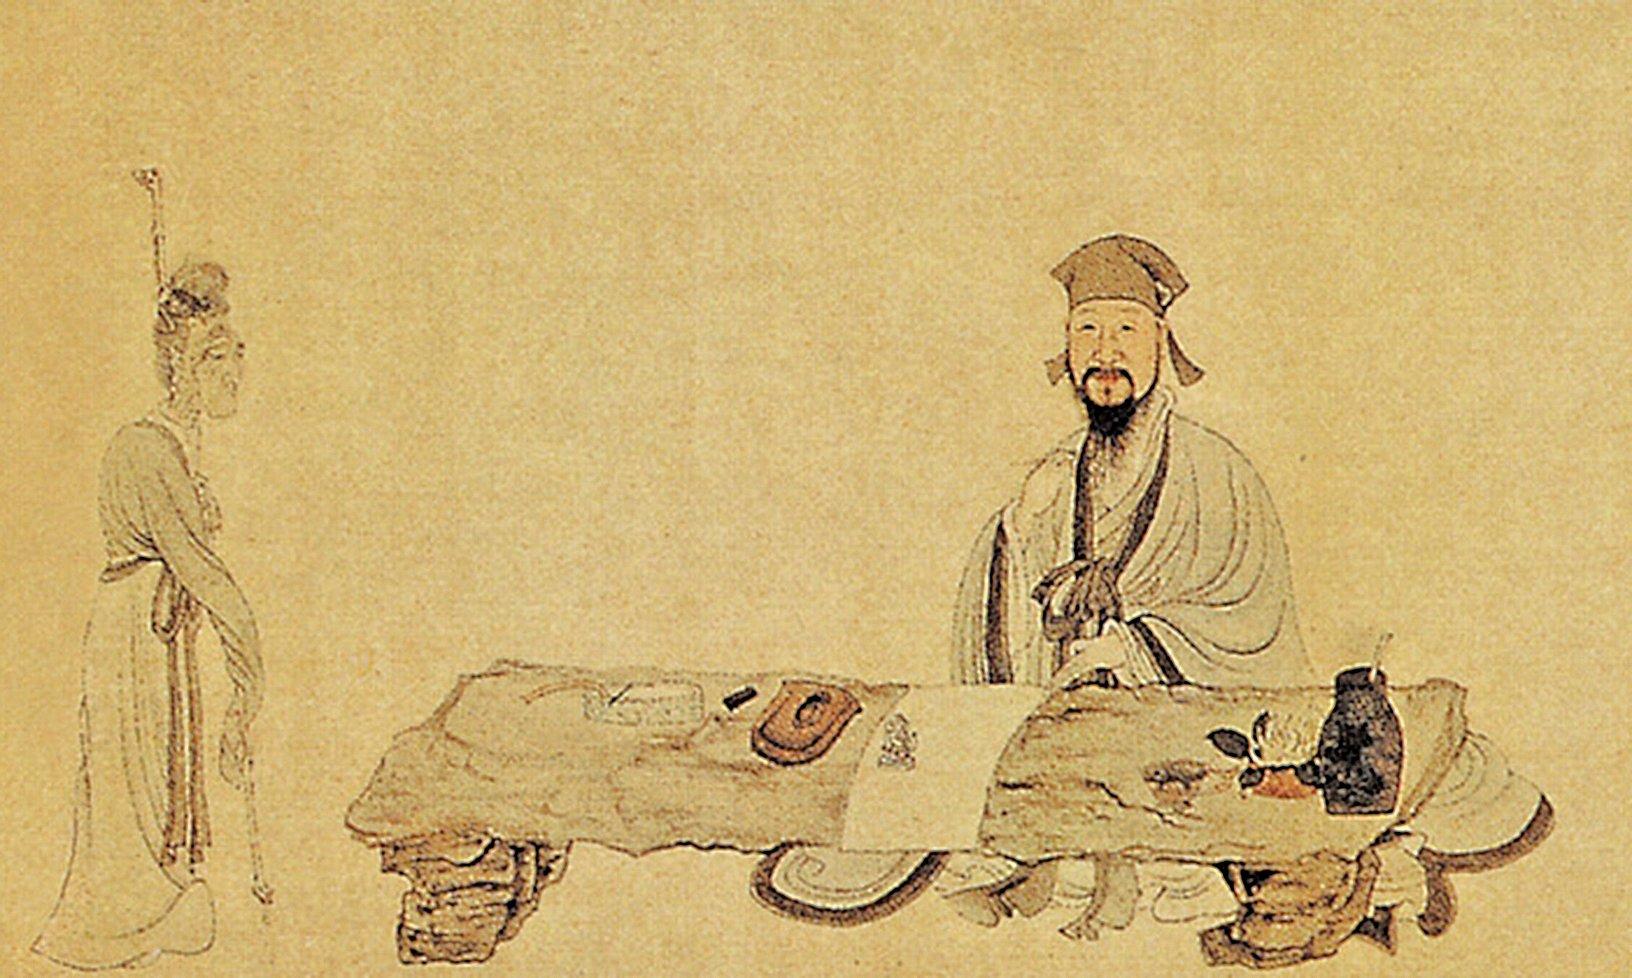 明‧《南生魯四樂圖》(局部),畫中表現白居易作詩通俗,老嫗可解(公有領域)